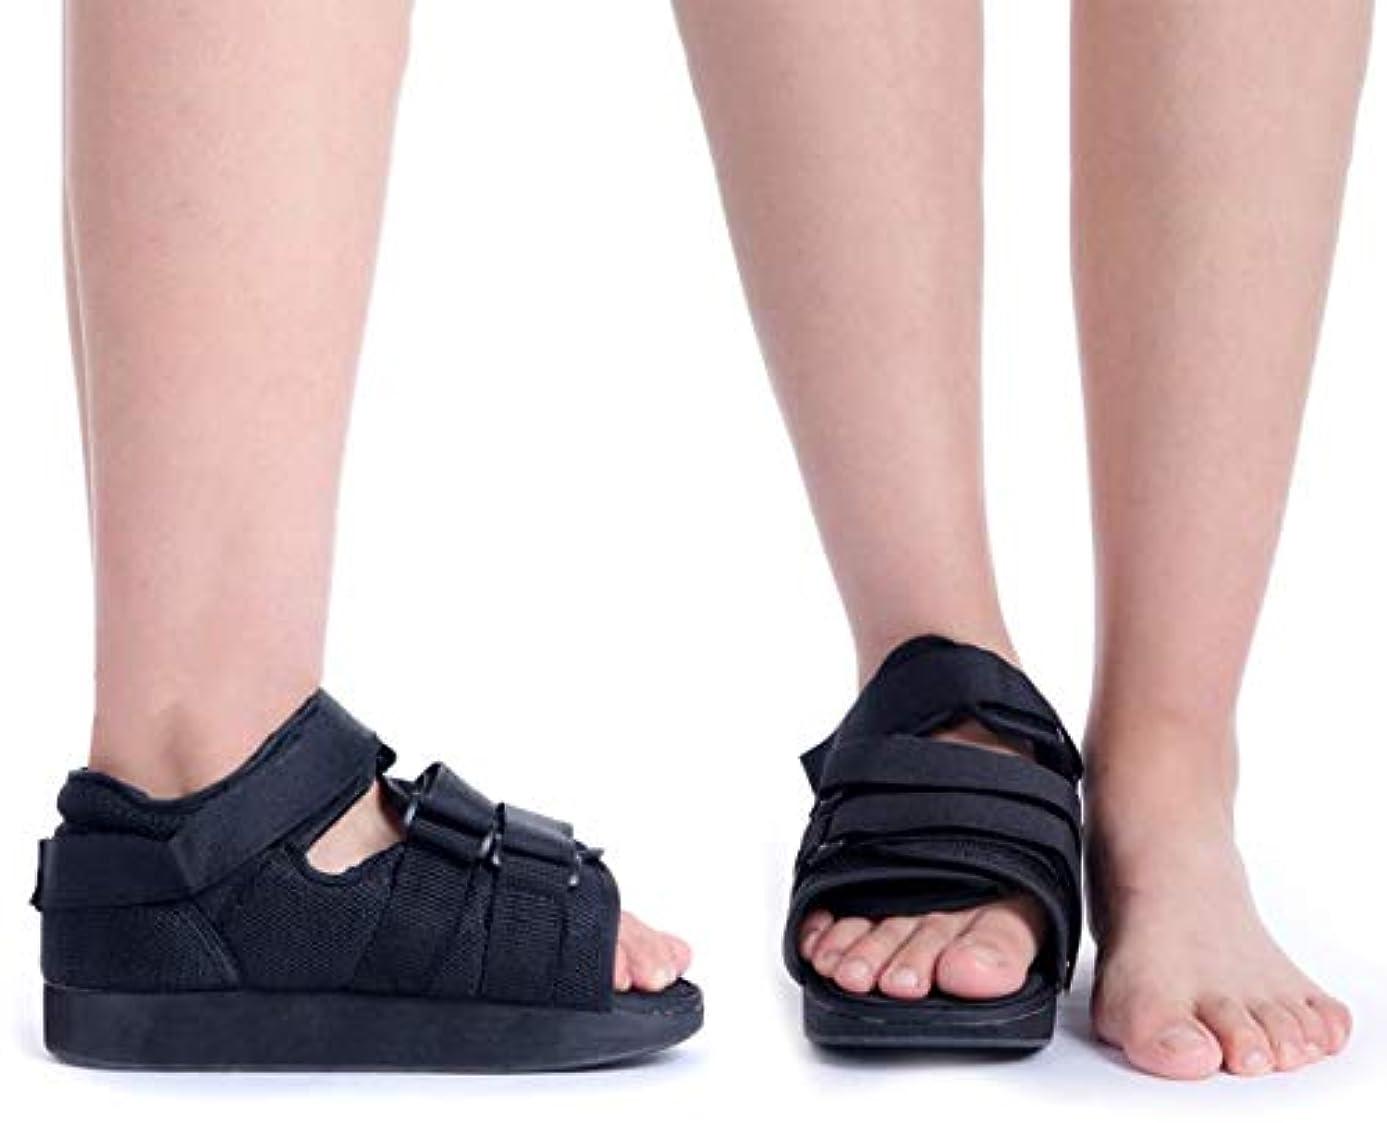 動的ディンカルビルカブ男性と女性のための術後靴 - 調節可能なストラップ付き半硬直術後靴 - 足の骨折/足の骨折のためのウォーキングシューズ (Size : S)